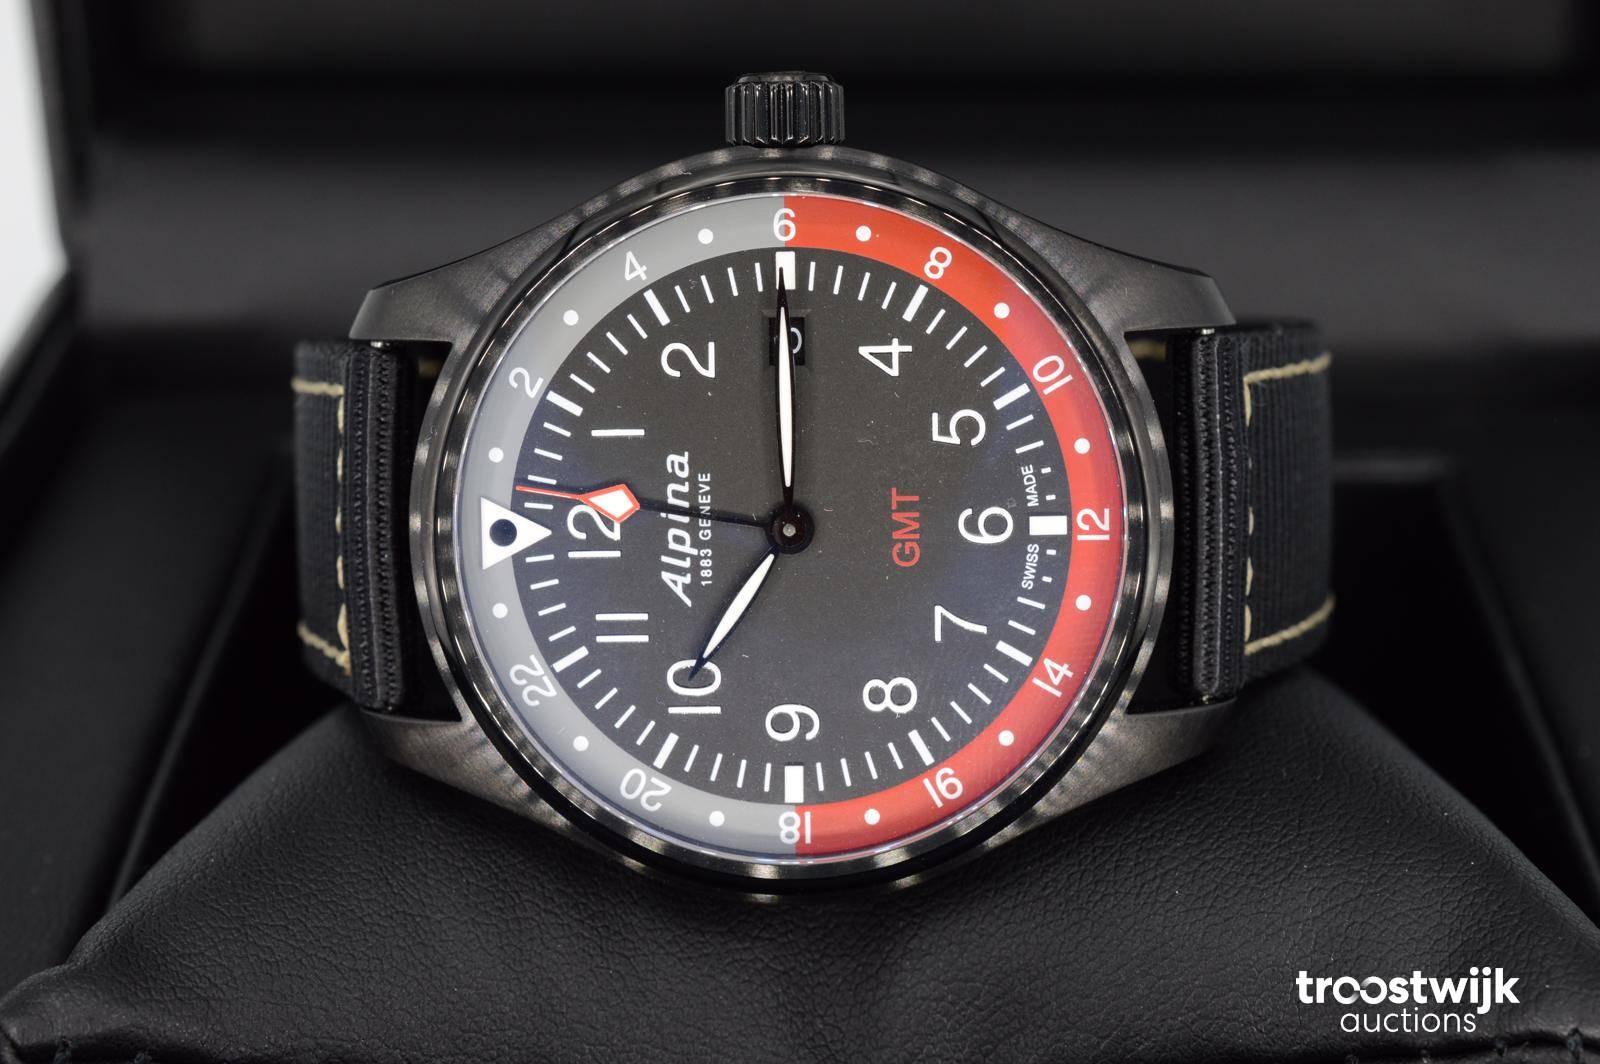 4b732bf486a5 Alpina Startimer Pilot reloj para hombres - Troostwijk